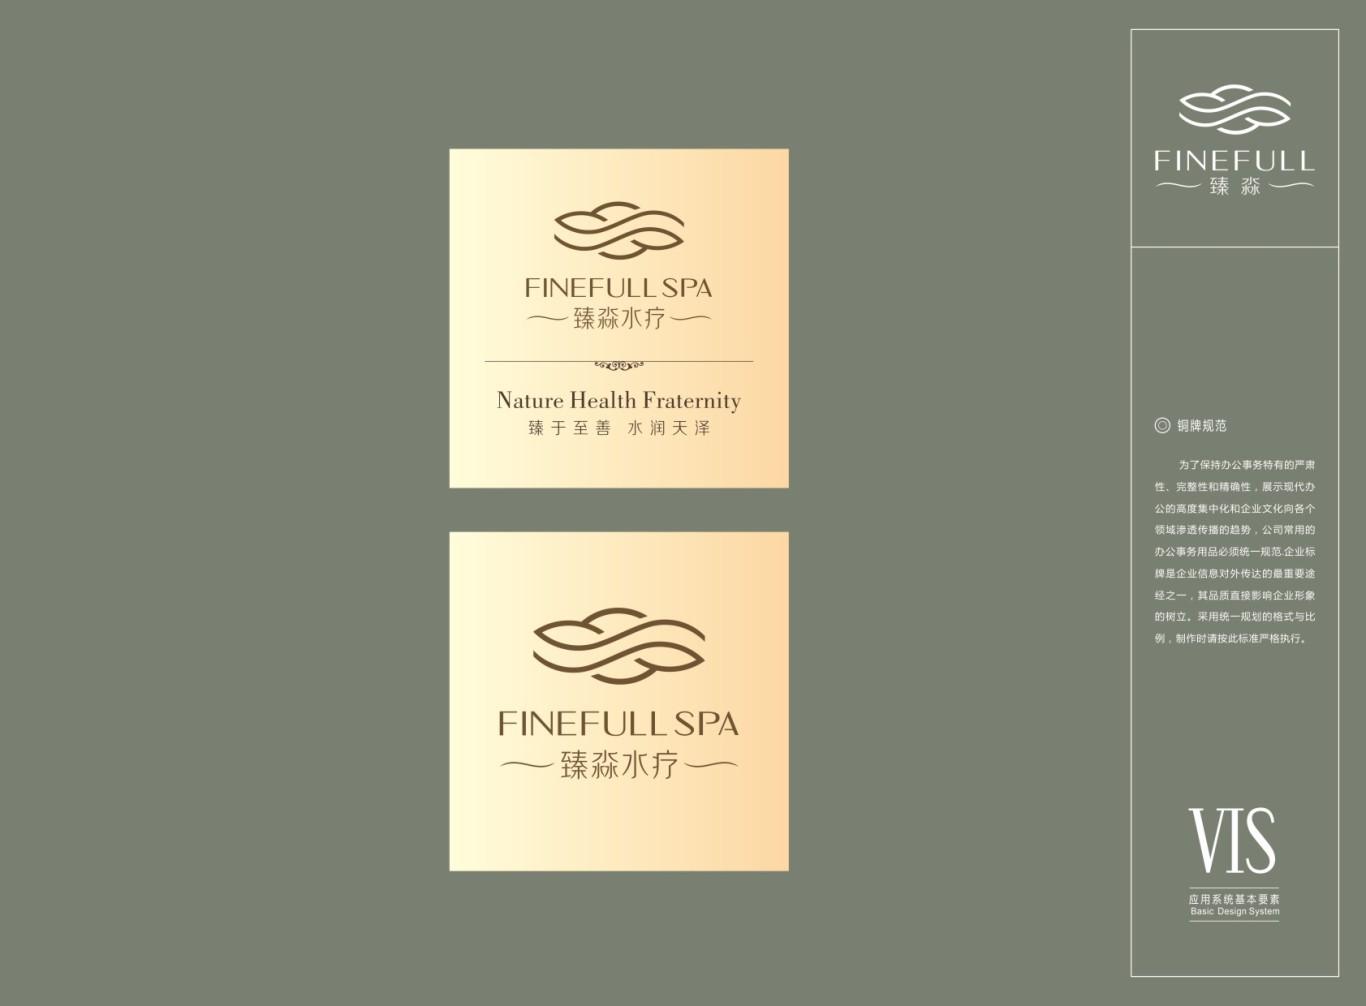 北京五星级FINEFULL-SPA水疗中心标志及VI设计图39